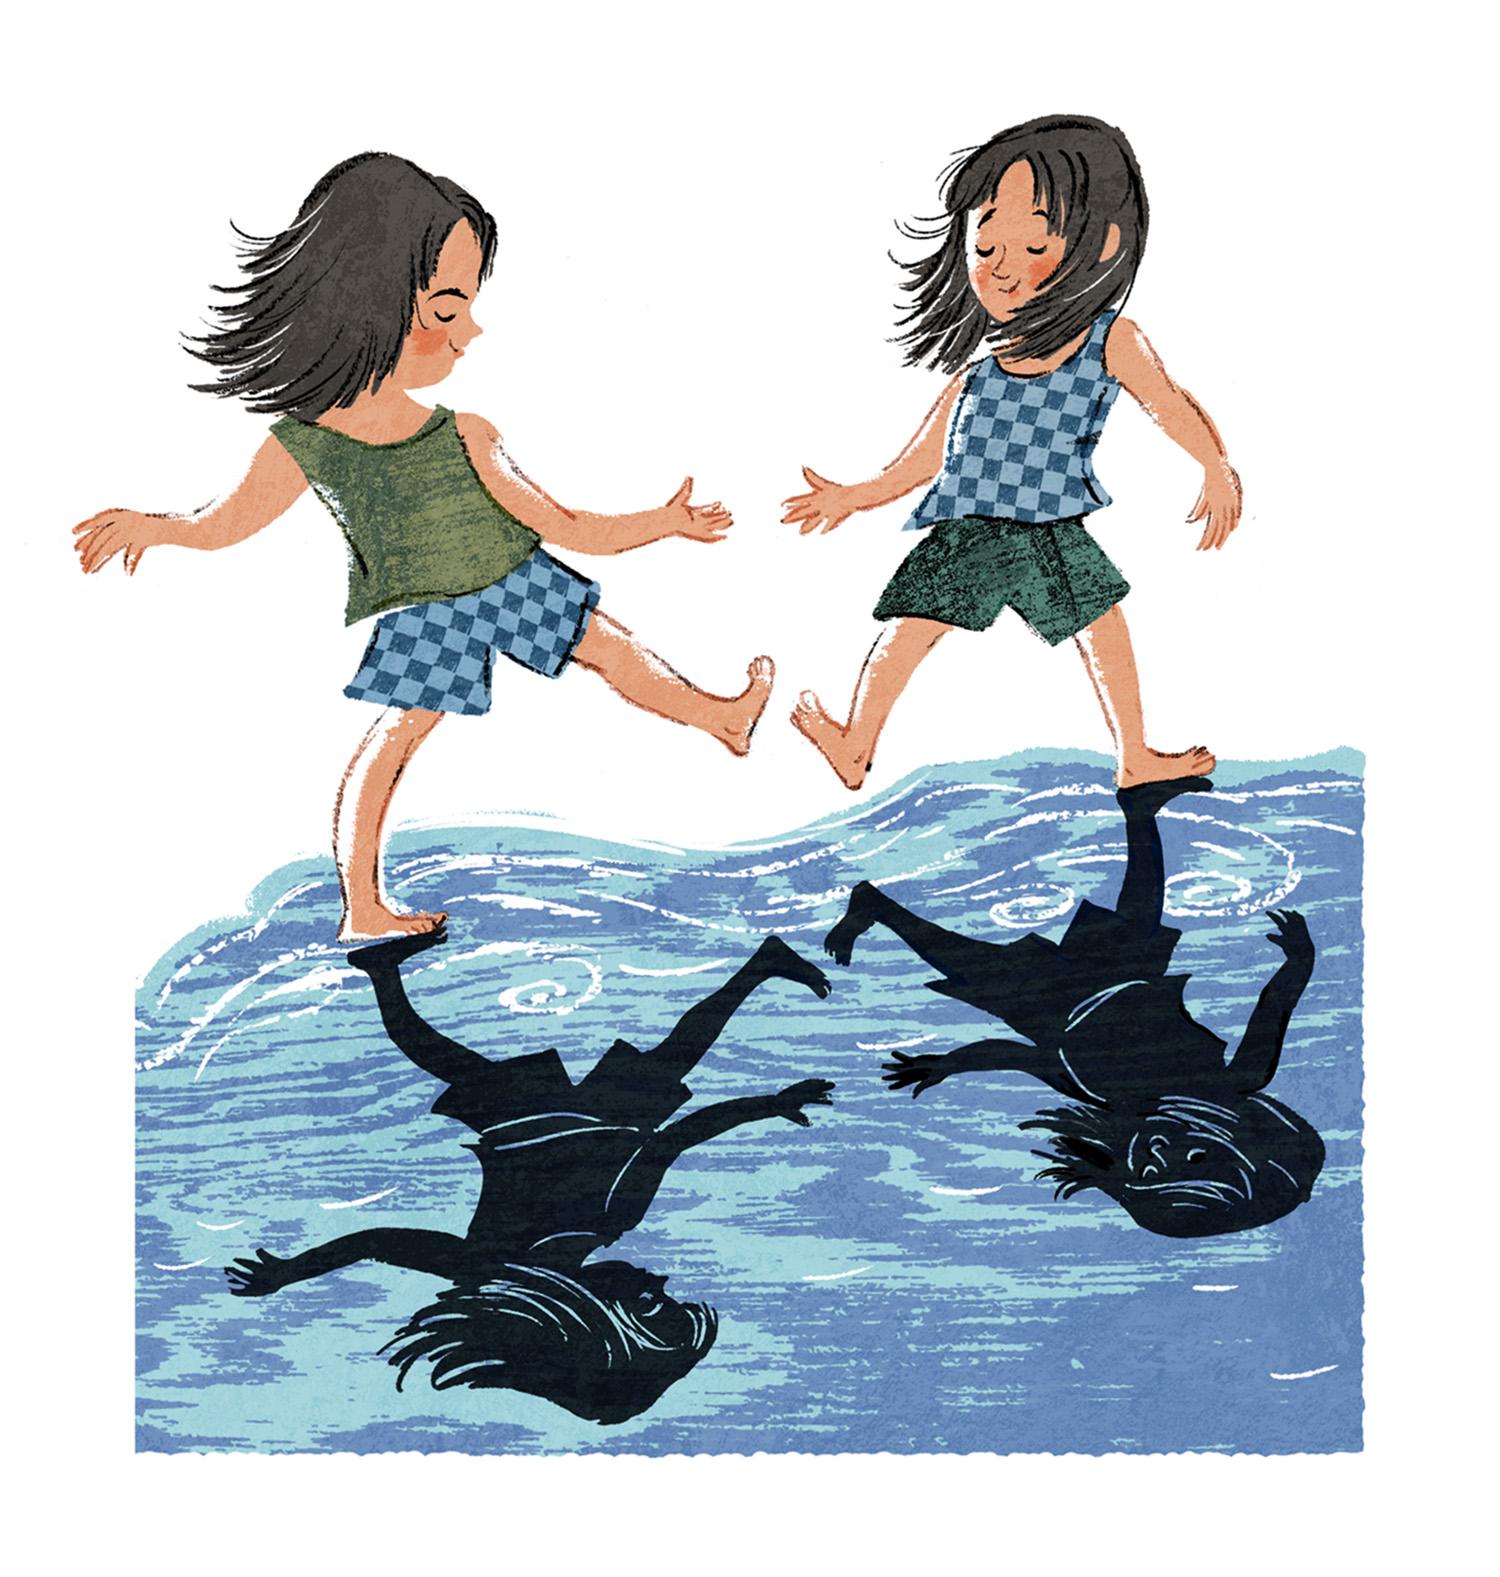 twins in surf shadows.jpg